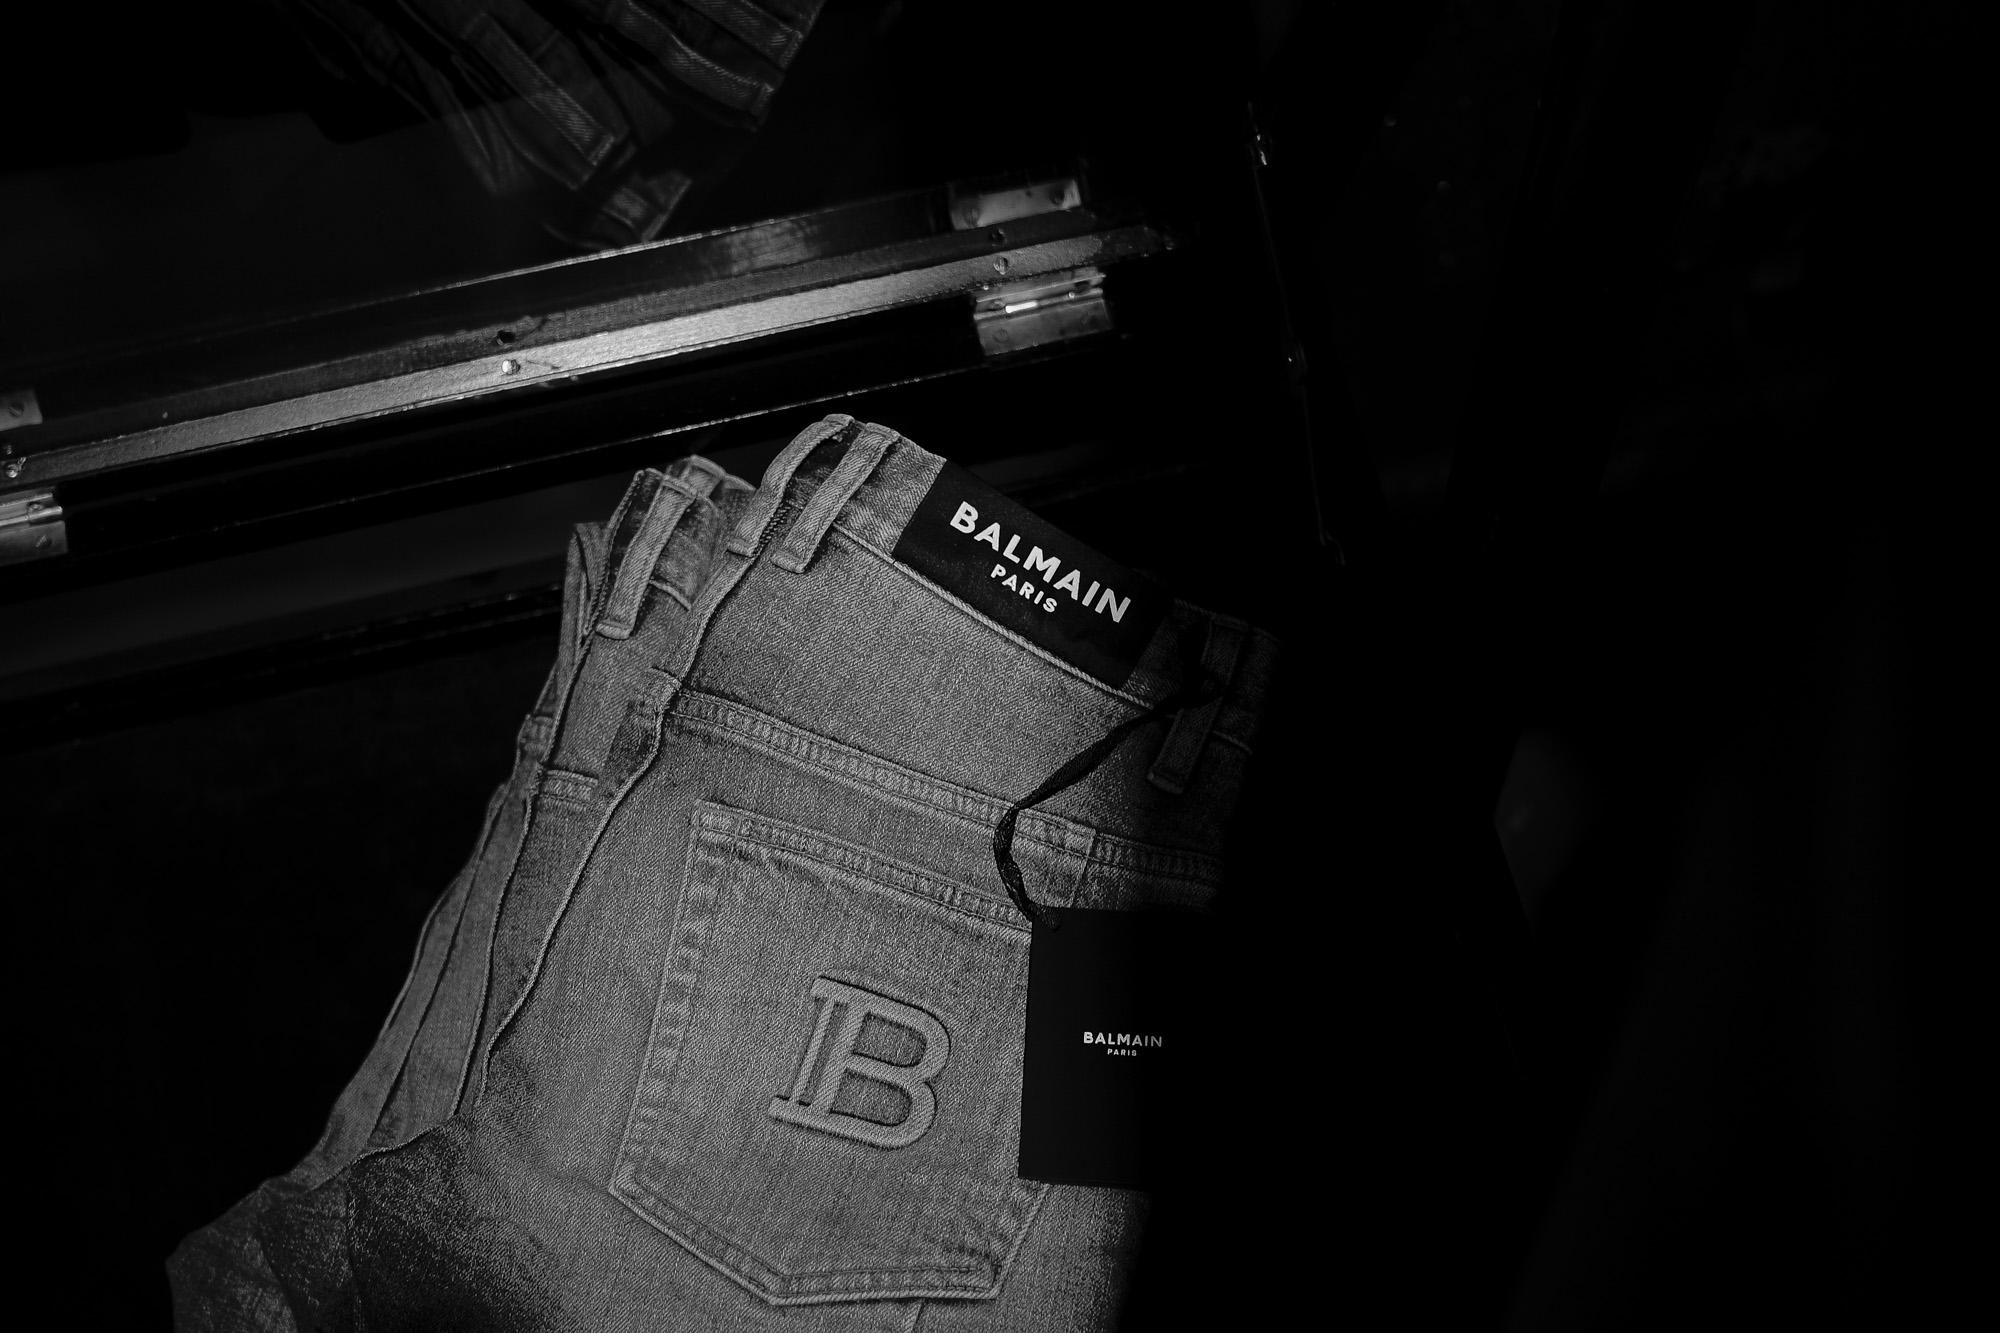 BALMAIN バルマン WH1MF000 146D フェードブラック  コットン スリムカット ジーンズ エンボスロゴ 108,900円 WH1MF000 145D  ブルーコットン エンボスロゴ ブルーデニム 愛知 名古屋 Alto e Diritto altoediritto アルトエデリット ブラックデニム ブラックジーンズ グレーデニム バルマンブラック